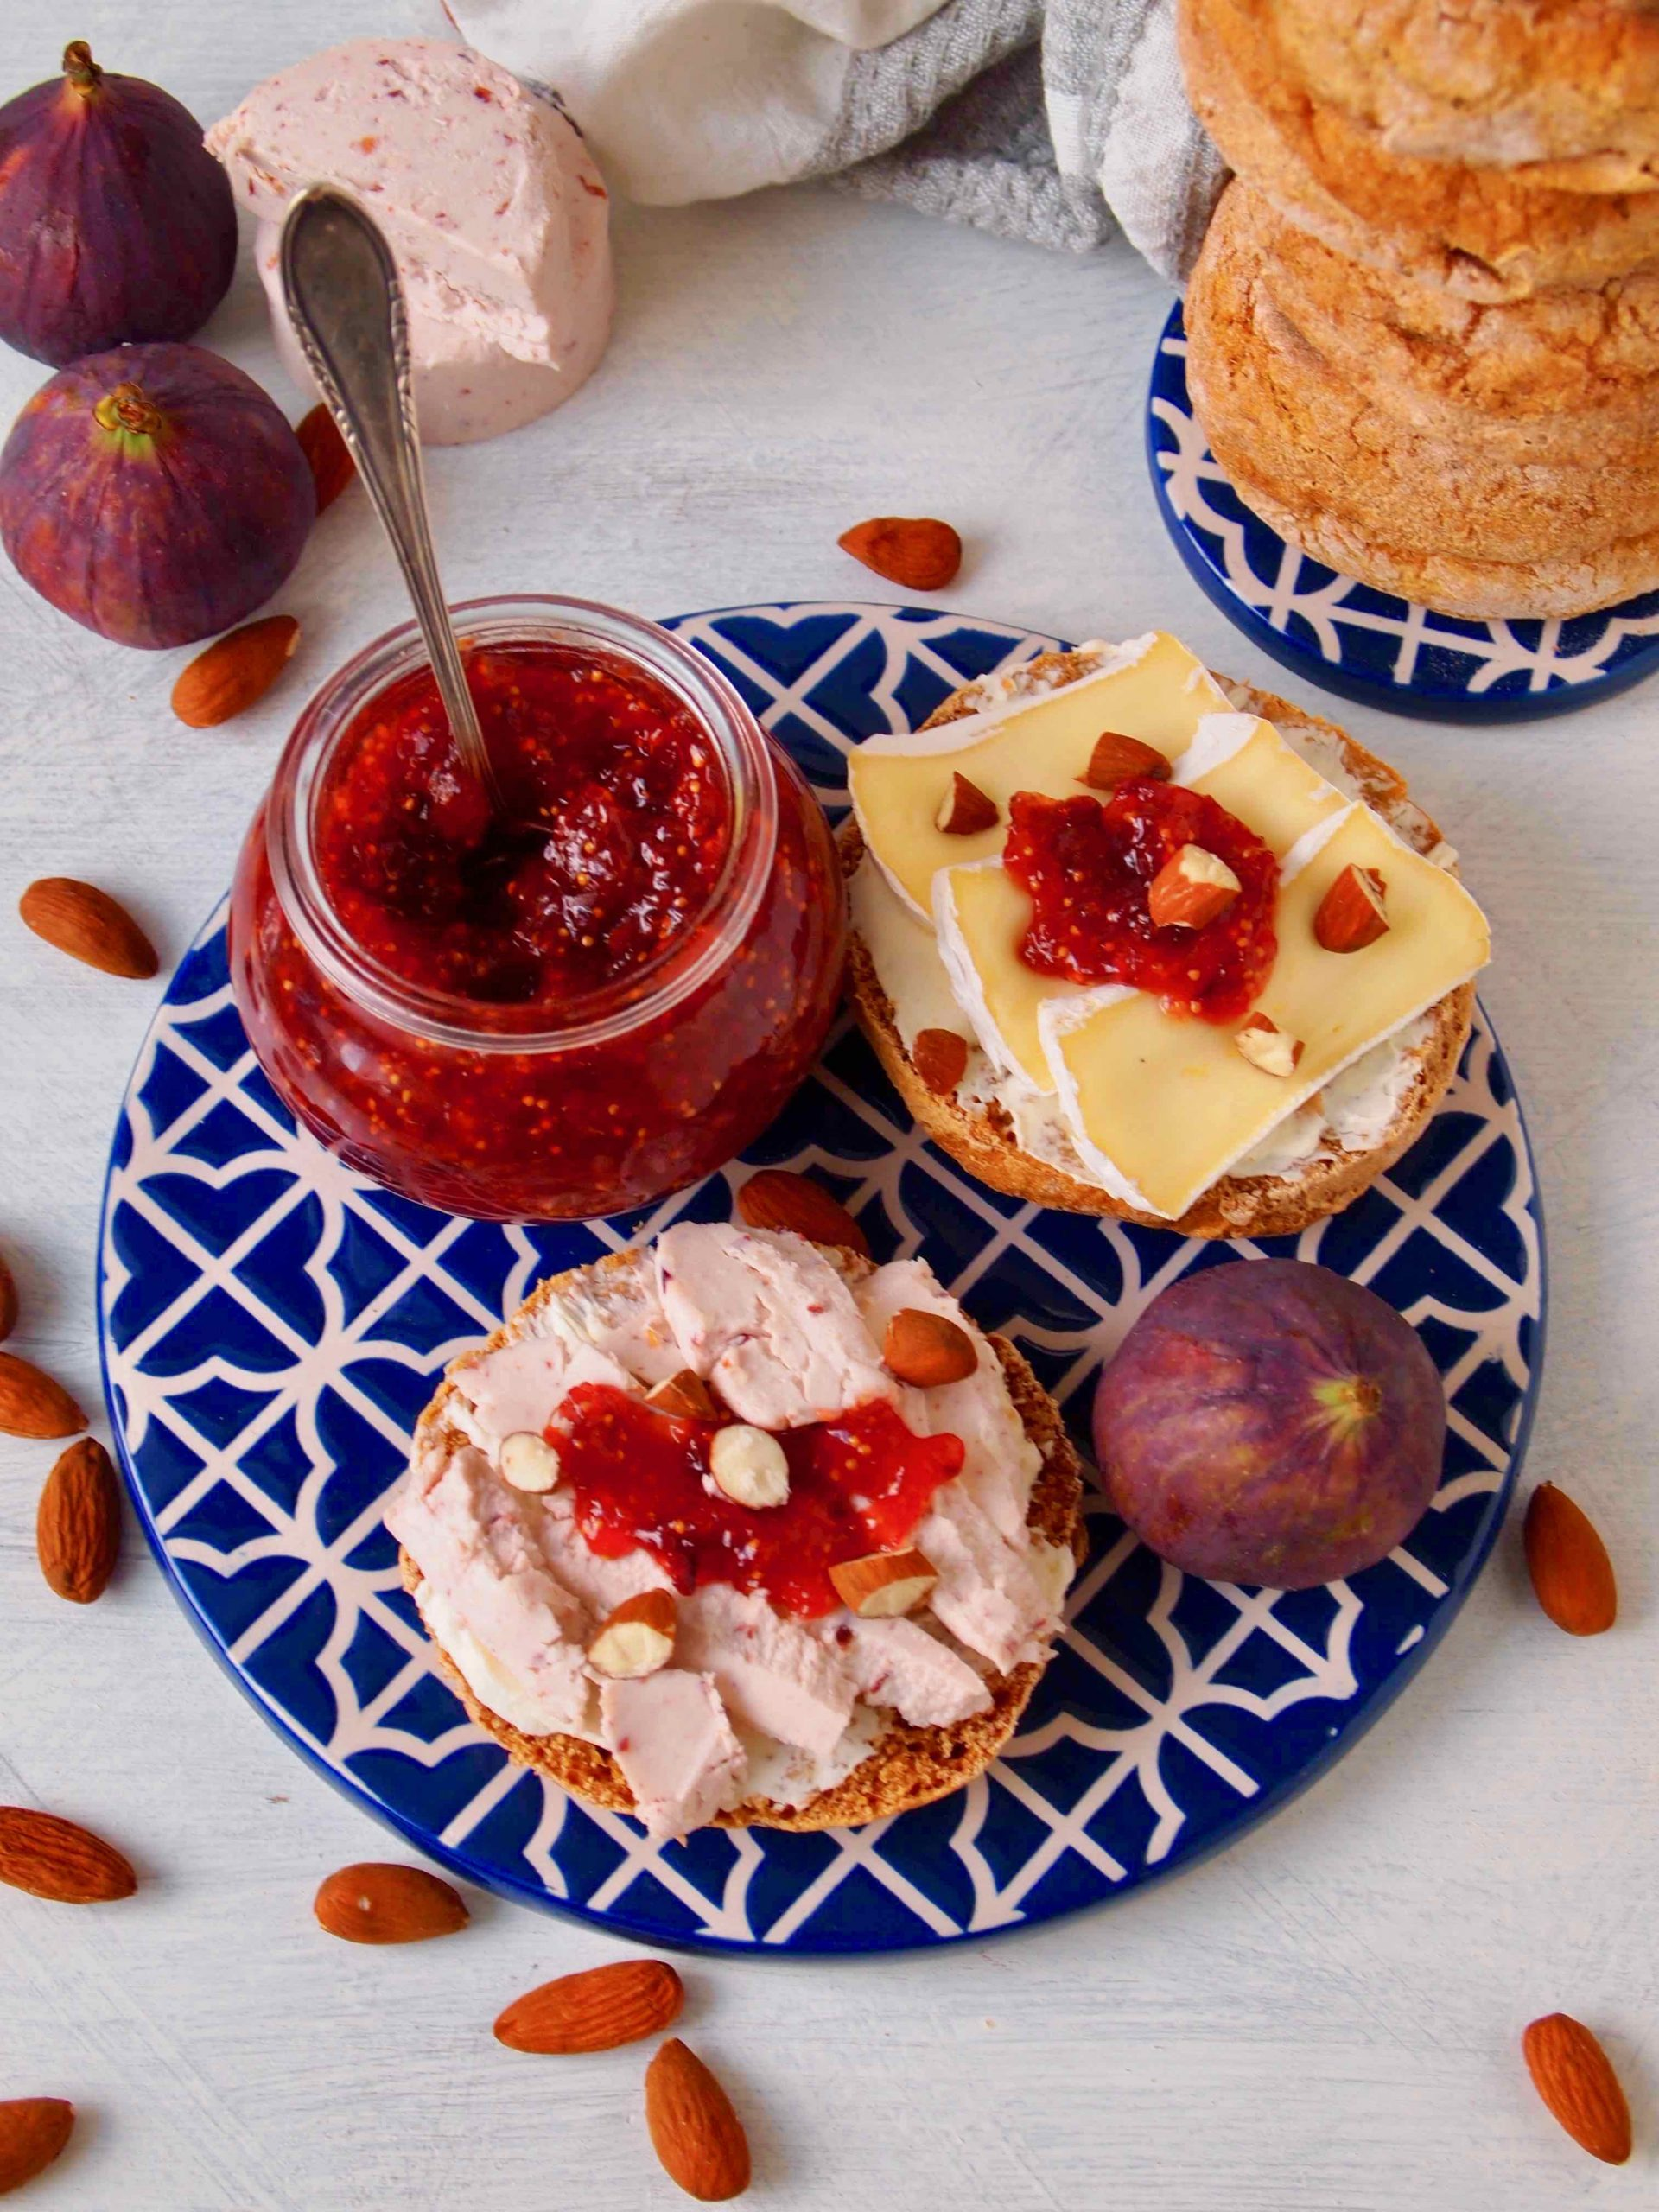 Bolo de caco com compota de figo -Süßkartoffelbrot mit Feigenmarmelade